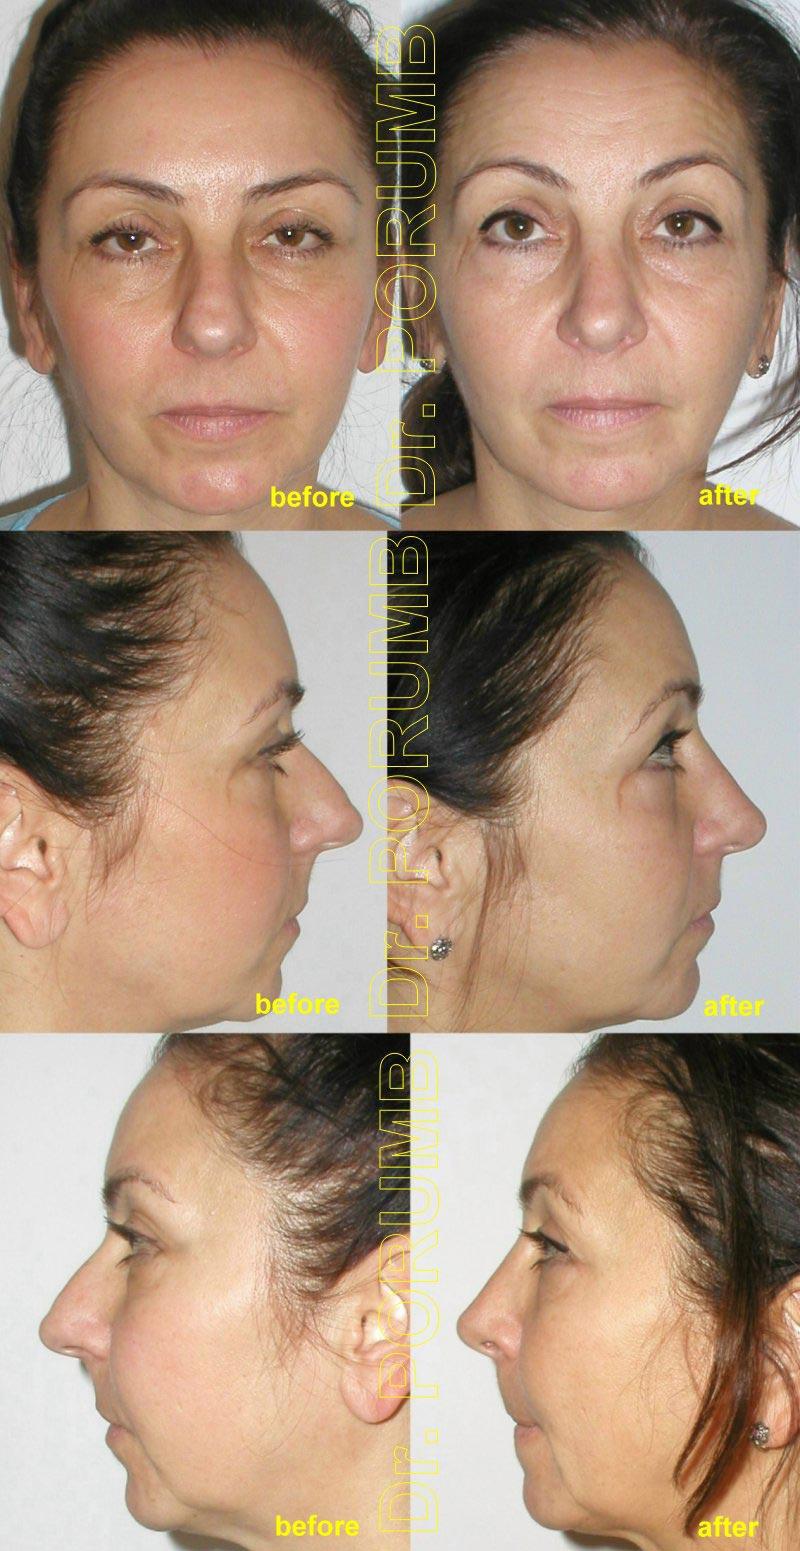 Pacienta de 49 ani, nemultumita de marimea nasului, cocoasa dar si de deviatia de sept si dificultati respiratorii, doreste sa apeleze la chirurgie estetica de rinoplastie (operatie estetica nas), cu corectia deviatiei de sept si deviatiei de nas, indepartarea cocoasei si micsorarea nasului, ridicarea varfului nasului, scurtarea nasului, subtierea nasului, subtierea varfului nasului